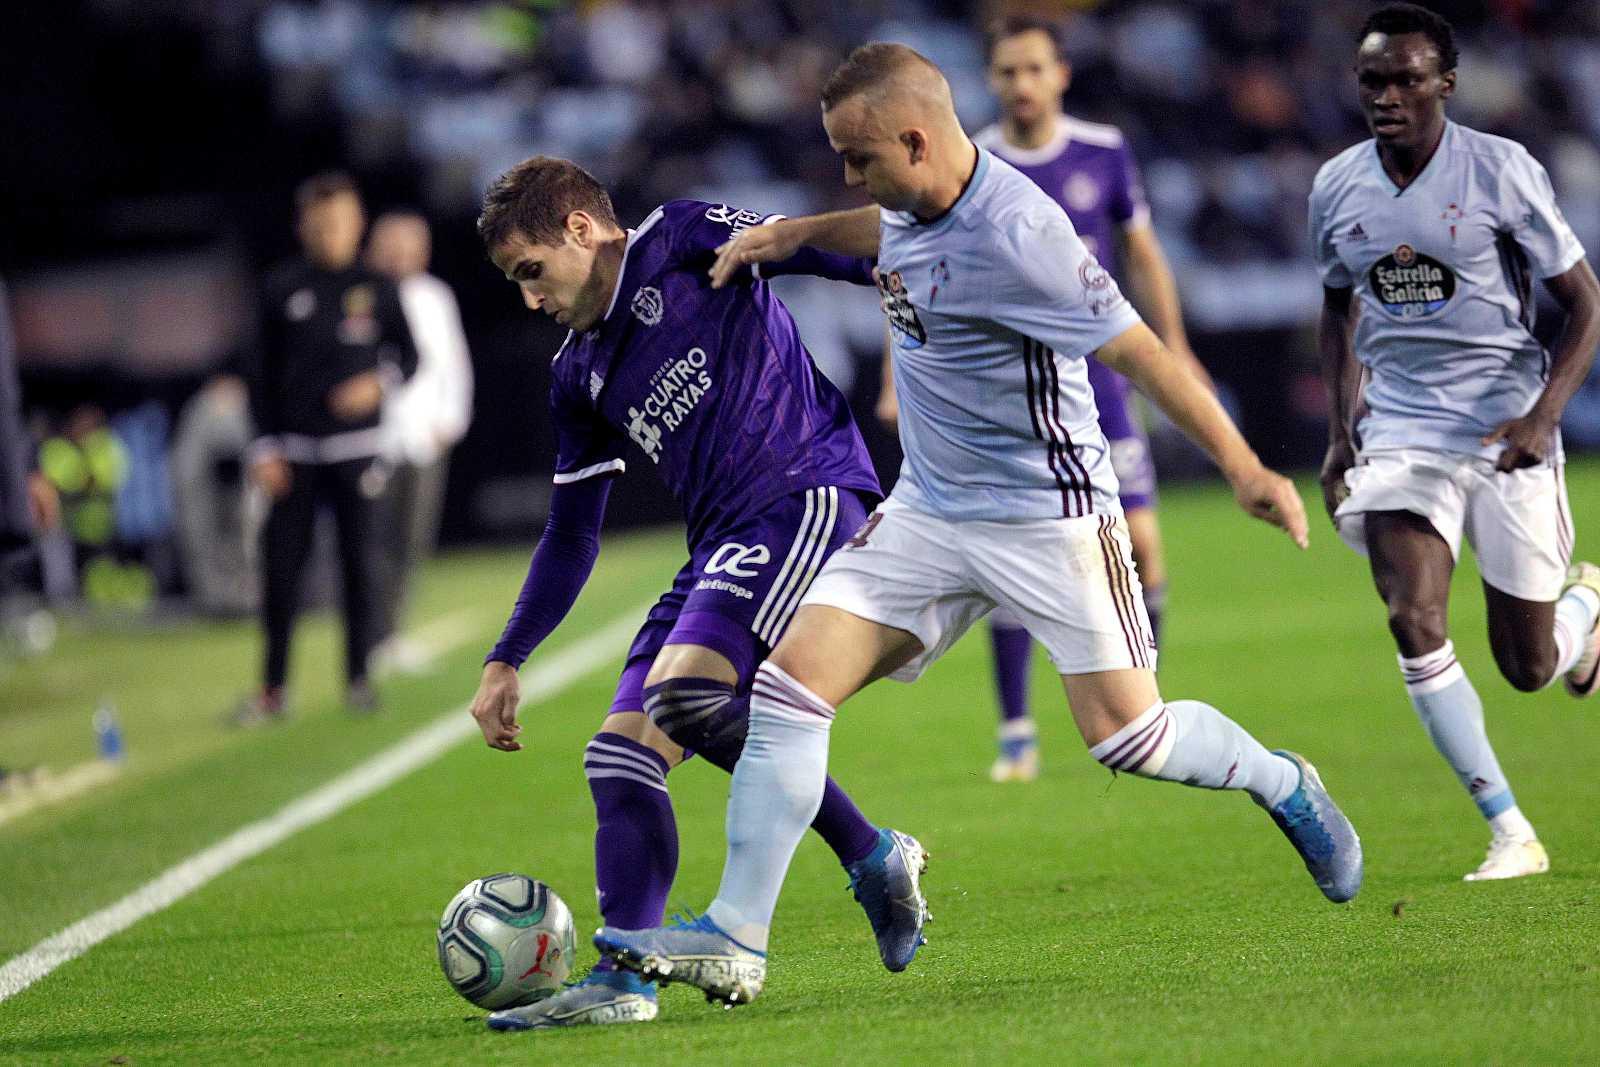 El centrocampista eslovaco del Celta de Vigo Stanislav Lobotka (d) pugna por un balón con Pablo Hervías, del Real Valladolid, durante el partido de la jornada 15.